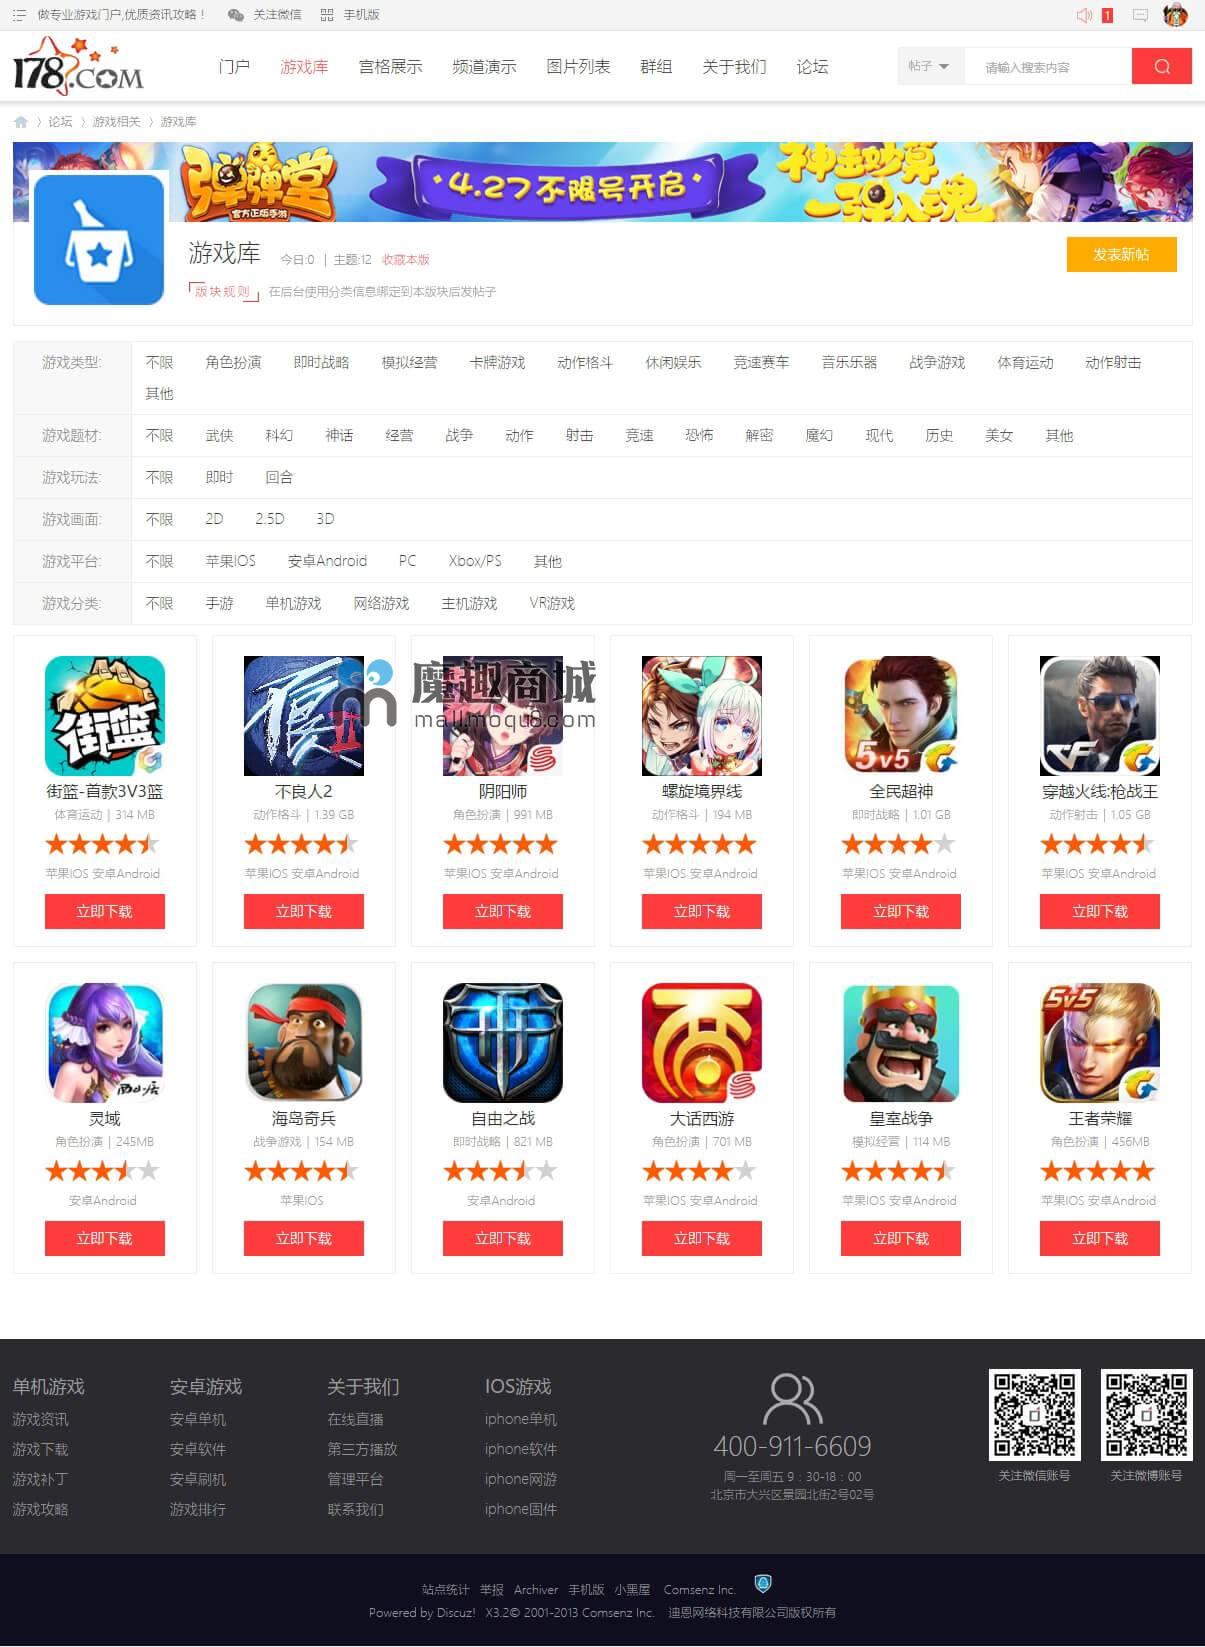 电竞游戏下载/网游评测/游戏资讯模板